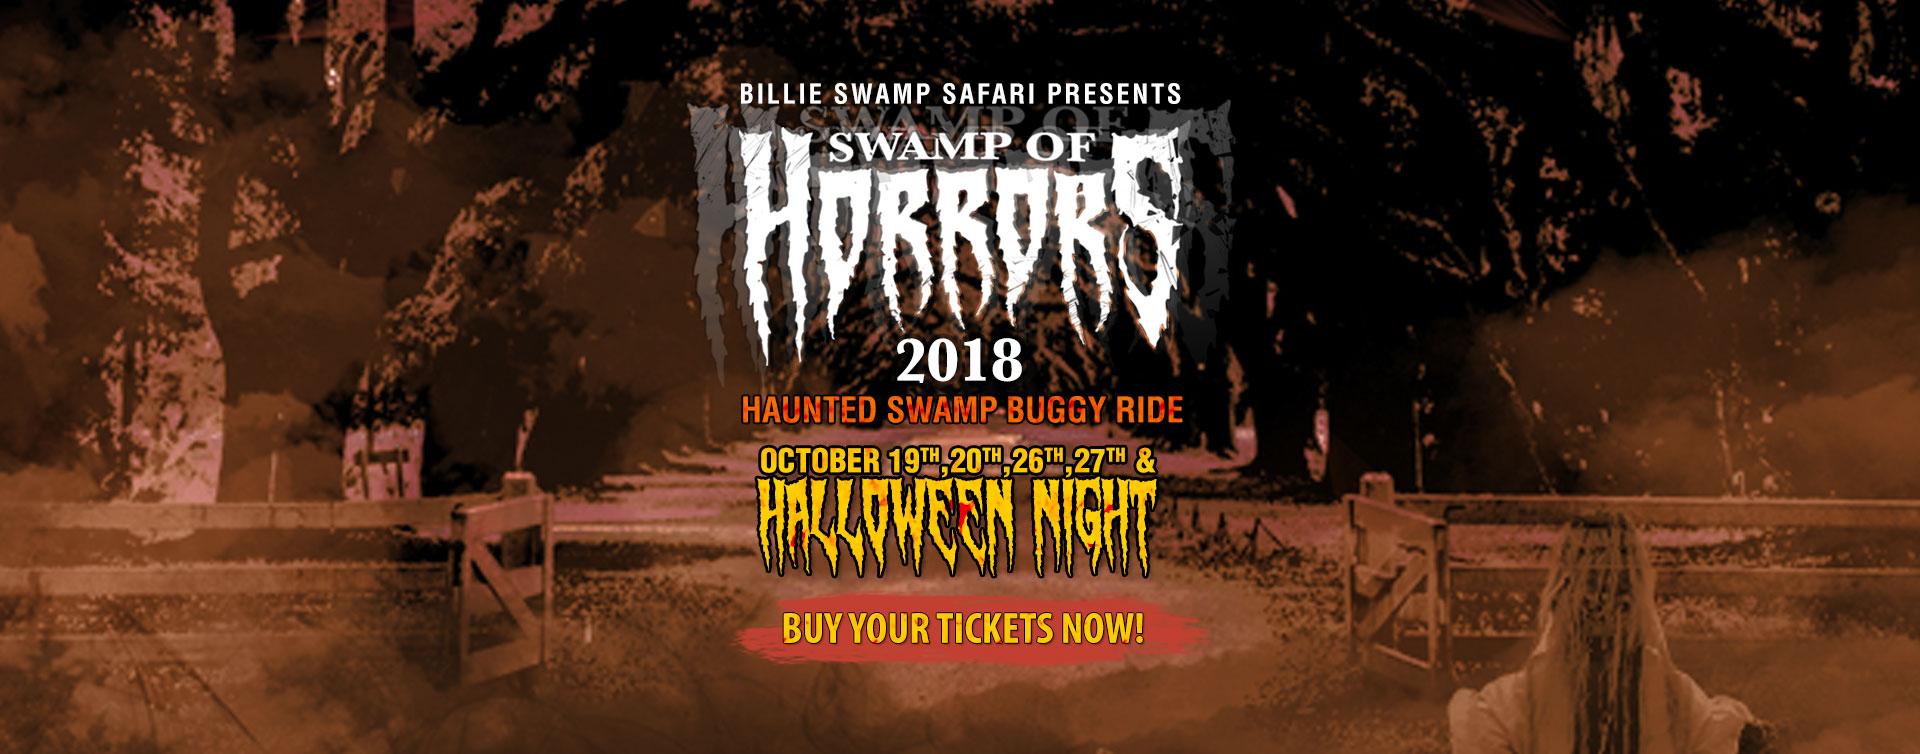 Swamp of Horror 2018